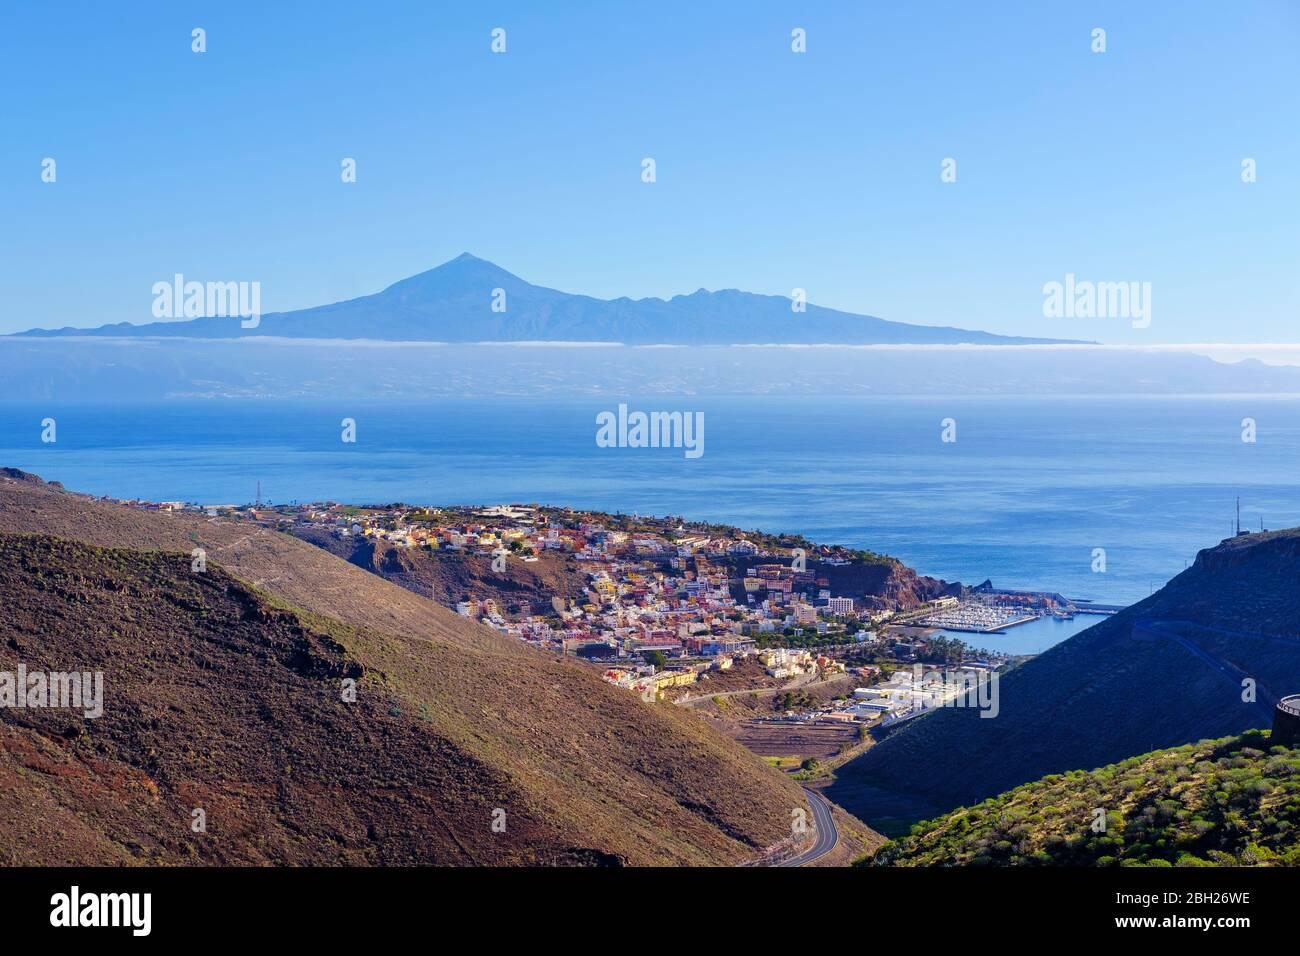 España, Provincia de Santa Cruz de Tenerife, San Sebastián de la Gomera, Ciudad costera con isla de Tenerife en el fondo lejano Foto de stock